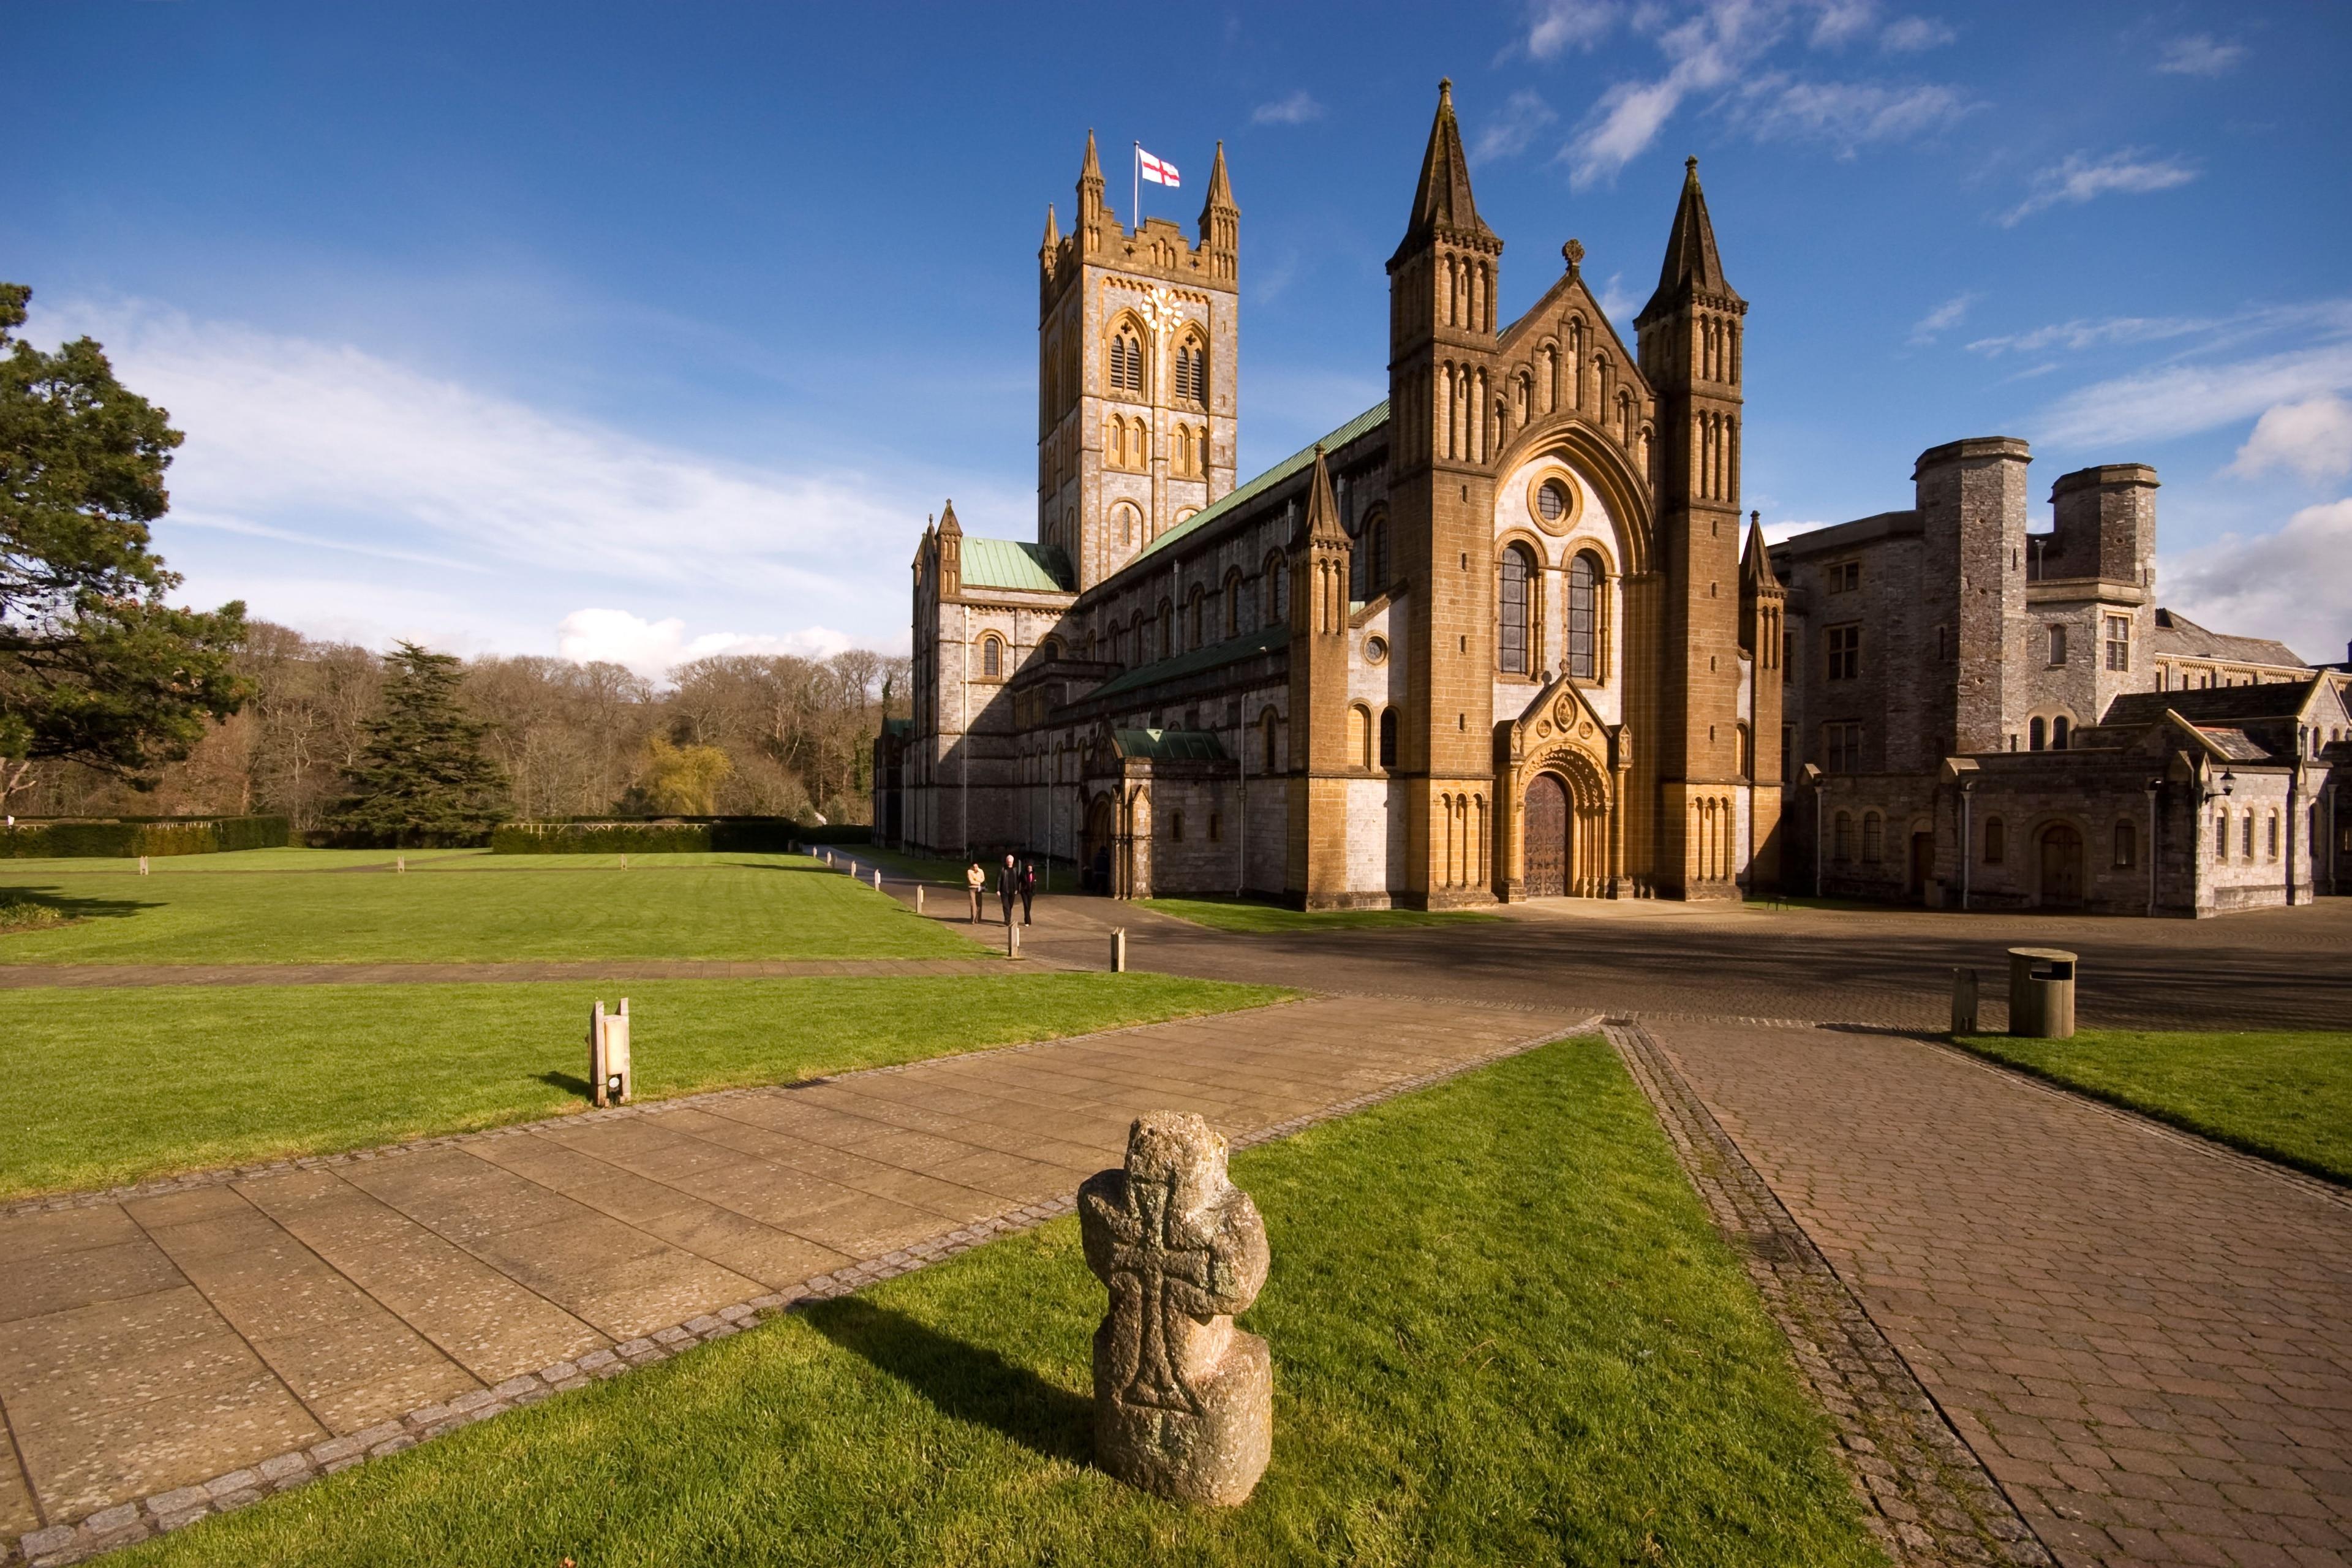 Buckfast Abbey, Buckfastleigh, England, United Kingdom